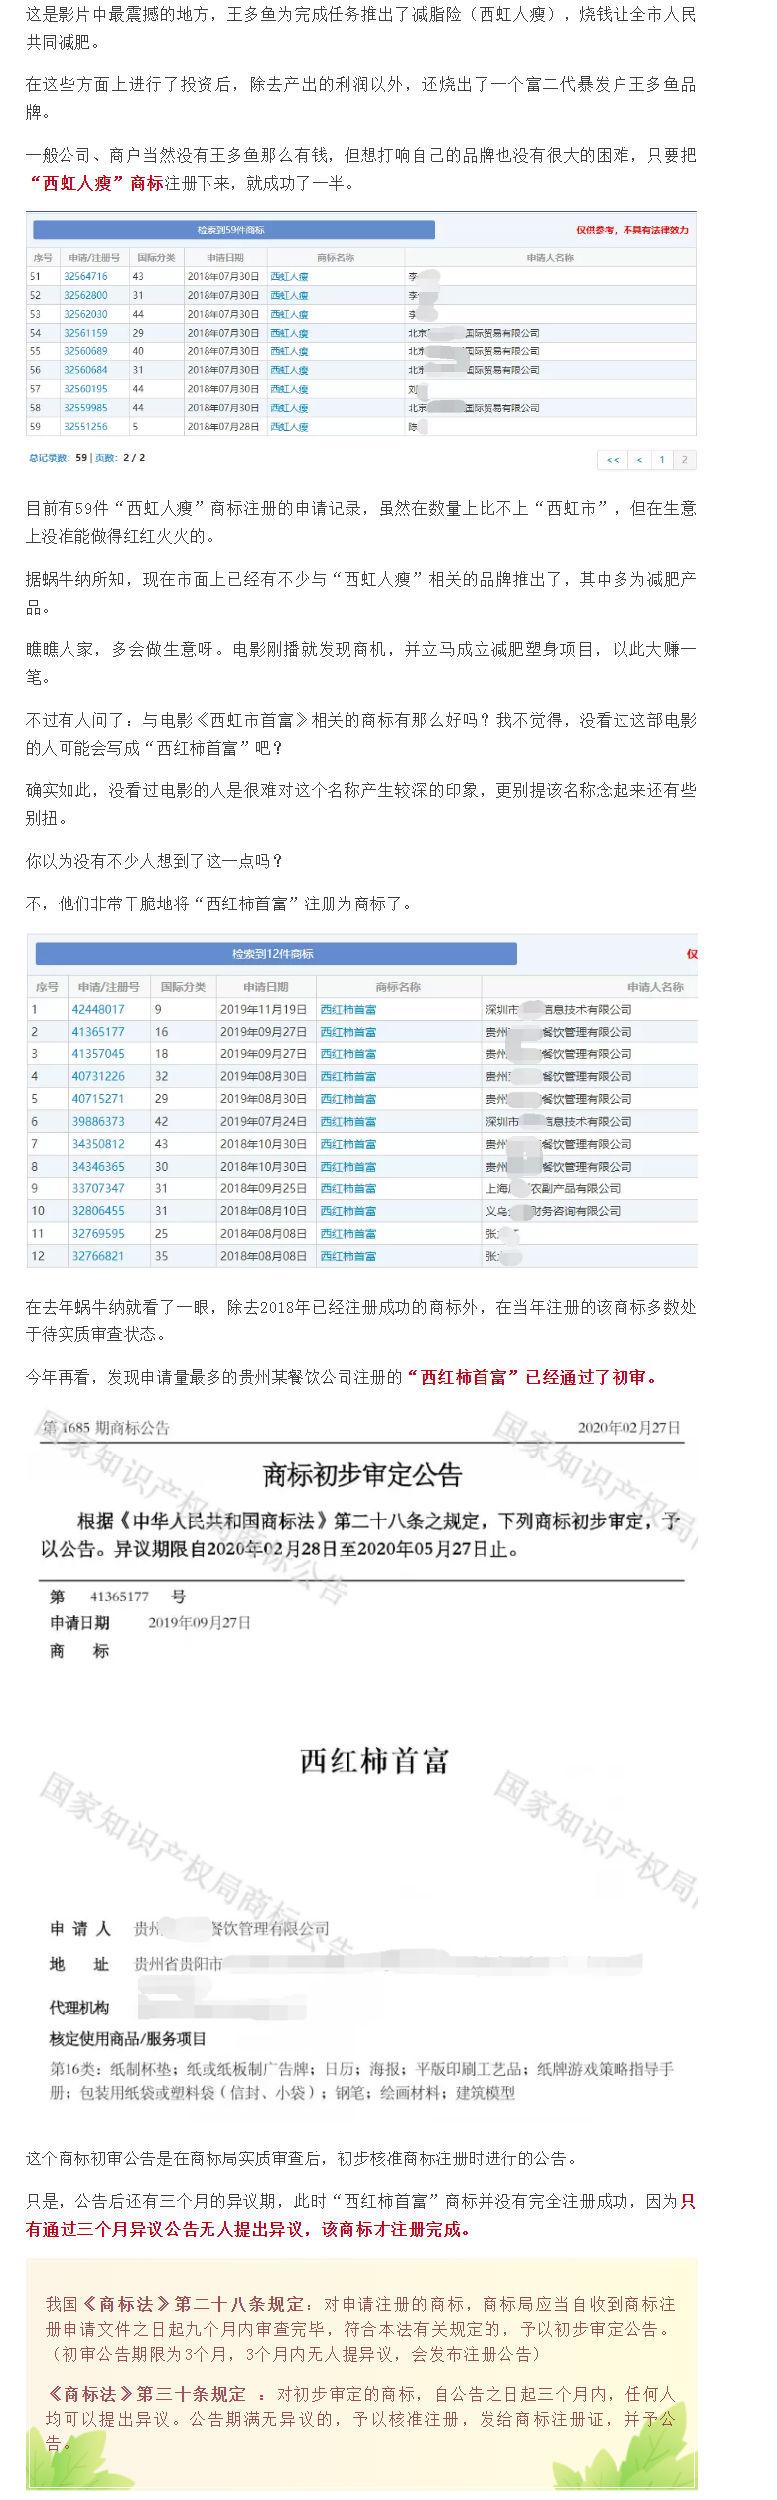 """""""西红柿首富""""商标通过初审,申请人与沈腾无关!"""